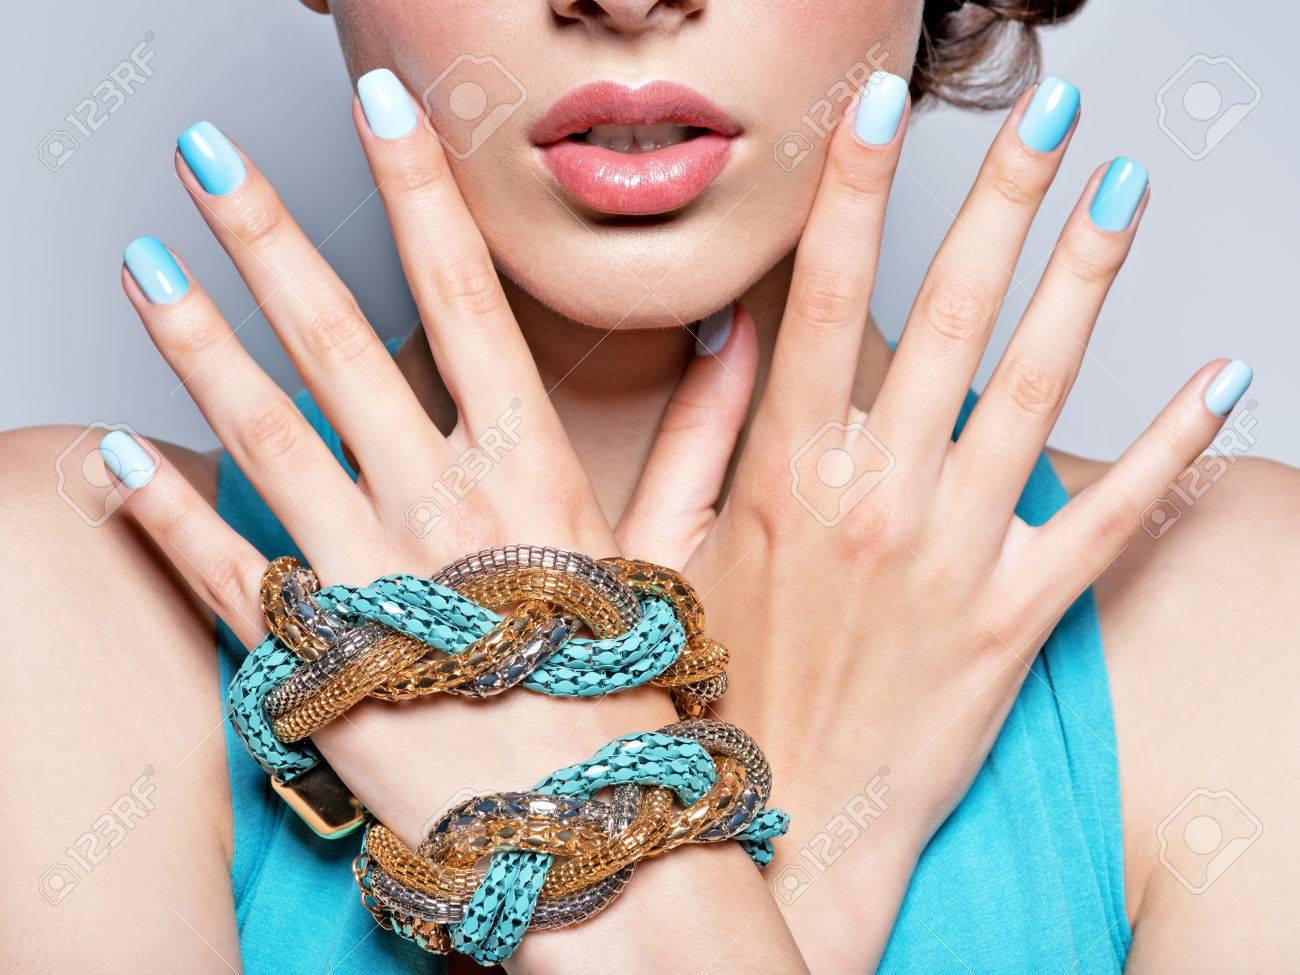 mains femme ongles manucure bijoux bleu mode. femme, mains aux ongles bleus Banque d'images - 54077856